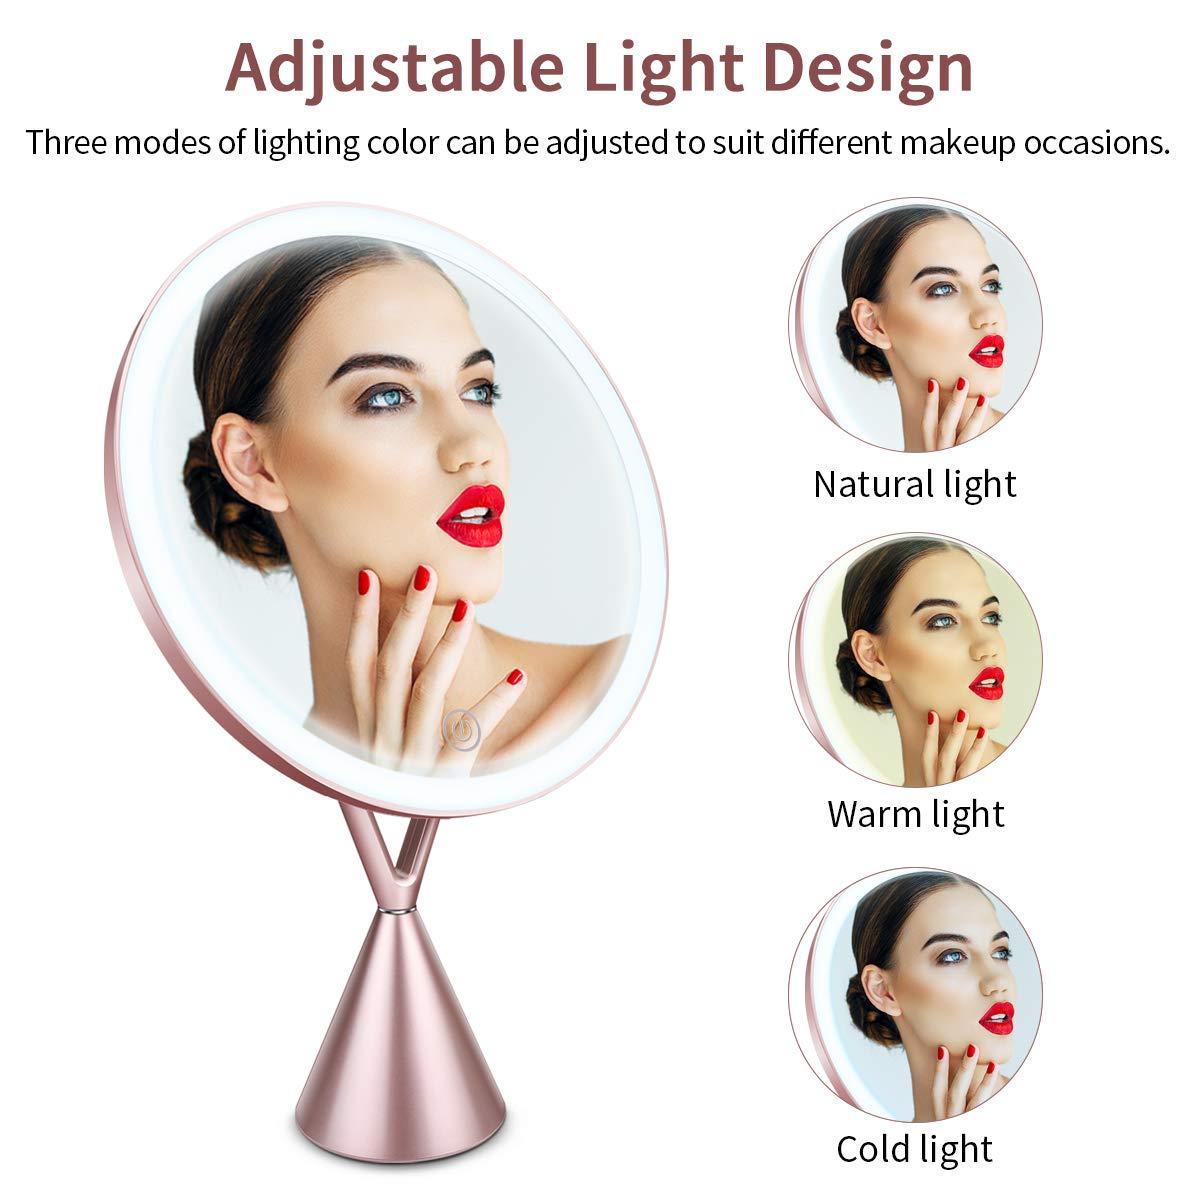 Morpilot Miroir de Maquillage, Miroir de Cosmétique avec 1x/5x Grossissant, Lampes à Écran Tactile et Recharge USB, avec Lumière Froide/Lumière Naturelle/Lumière Chaude + Support Réglable à 45 Degrés